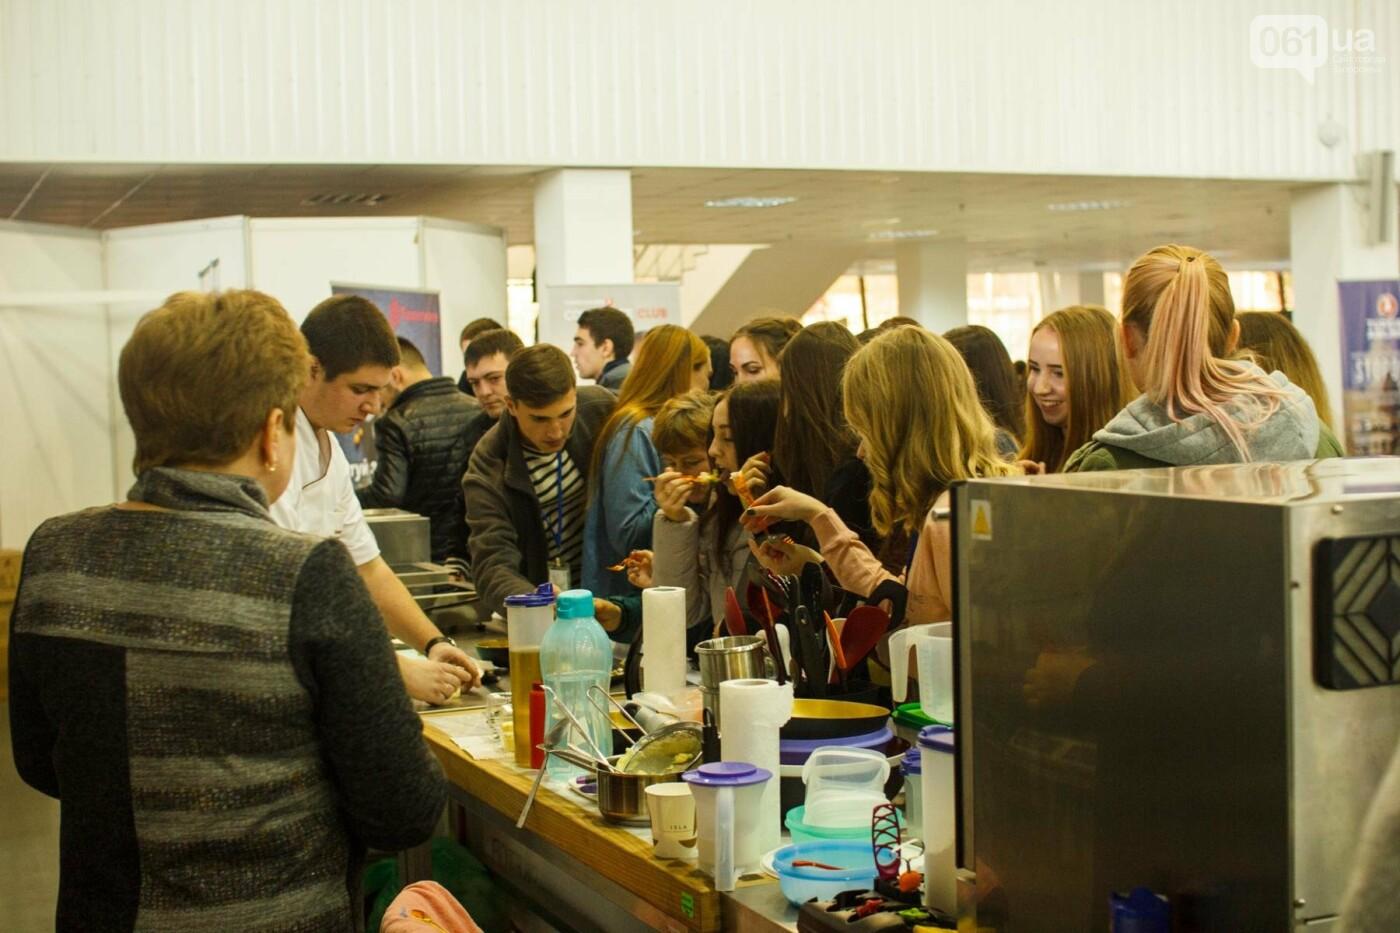 Шеф-повара запорожских ресторанов провели мастер-класс для горожан: как это было, - ФОТОРЕПОРТАЖ, фото-12